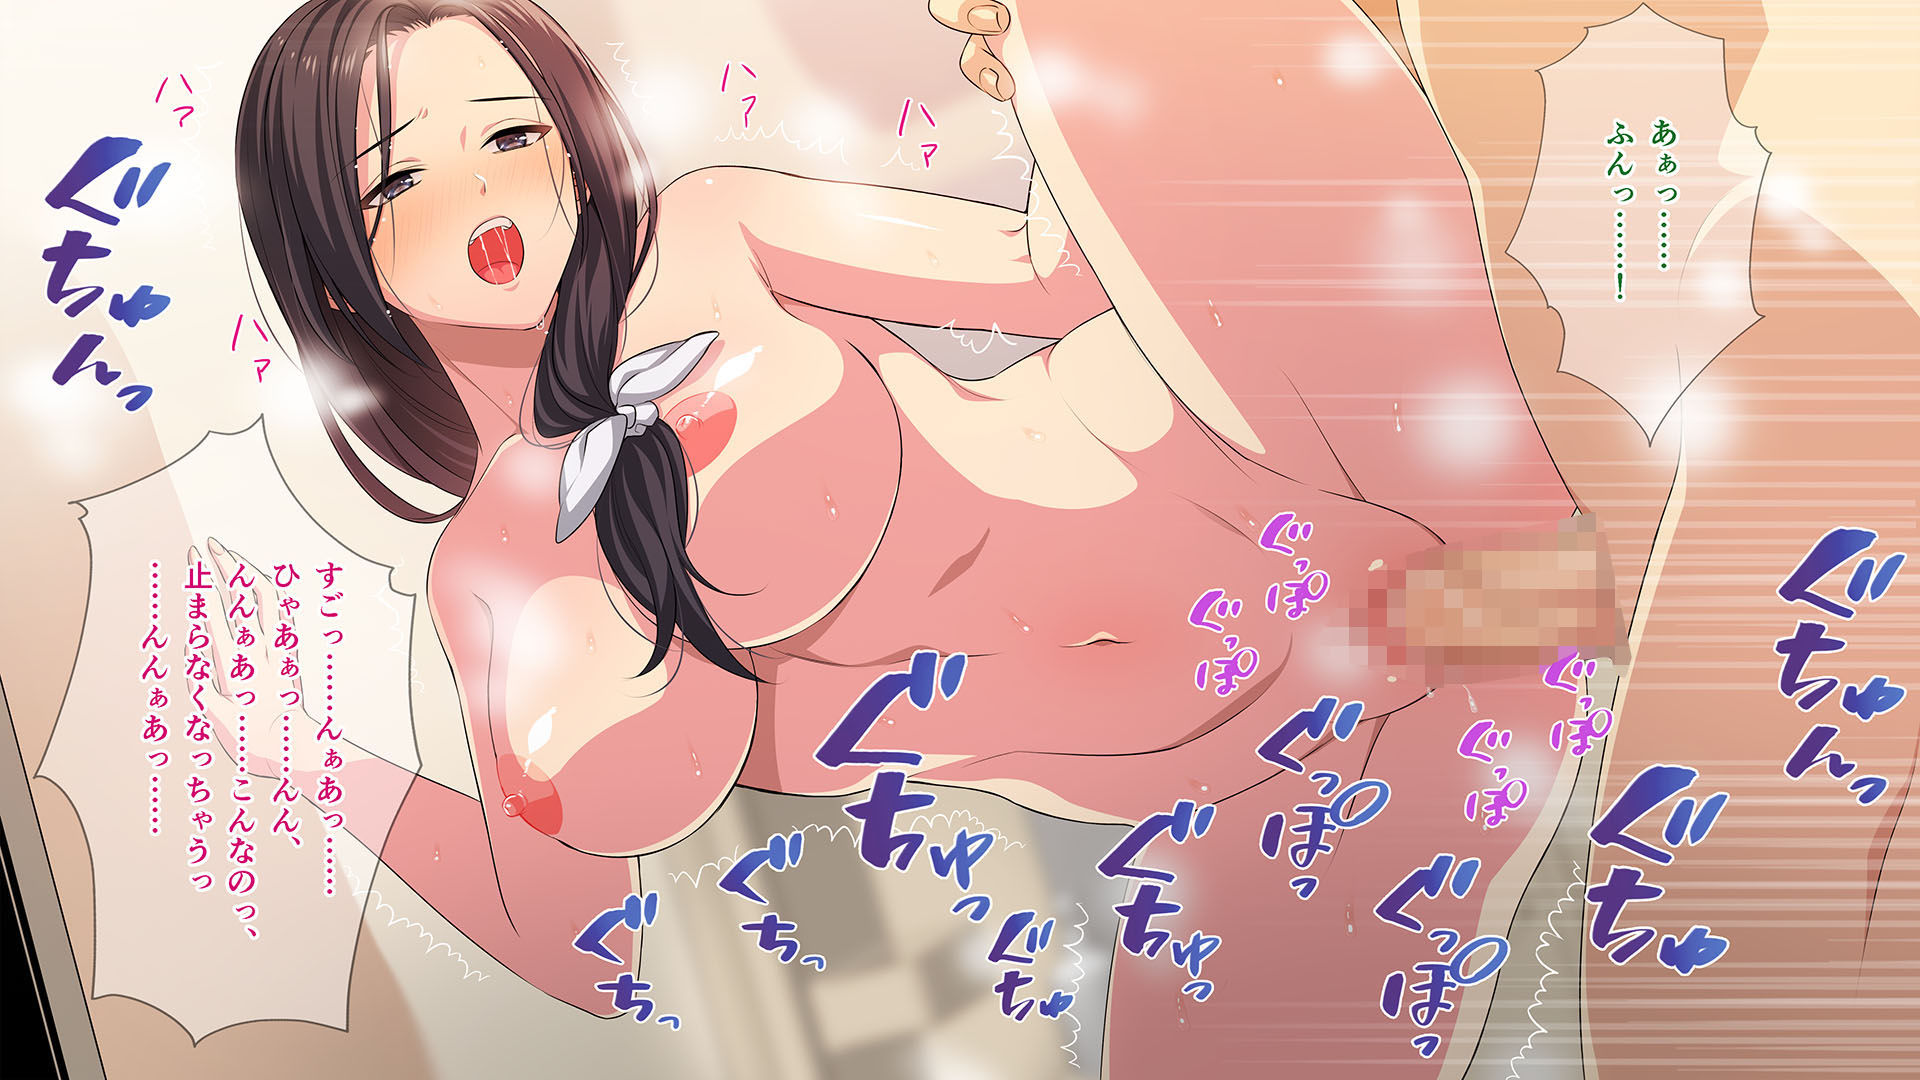 【エロ漫画】 美人酔っ払い上司を孕ませてやった話。君の彼女を内緒で孕ませて‥「サークル:しまりす亭」【同人・CG】#5